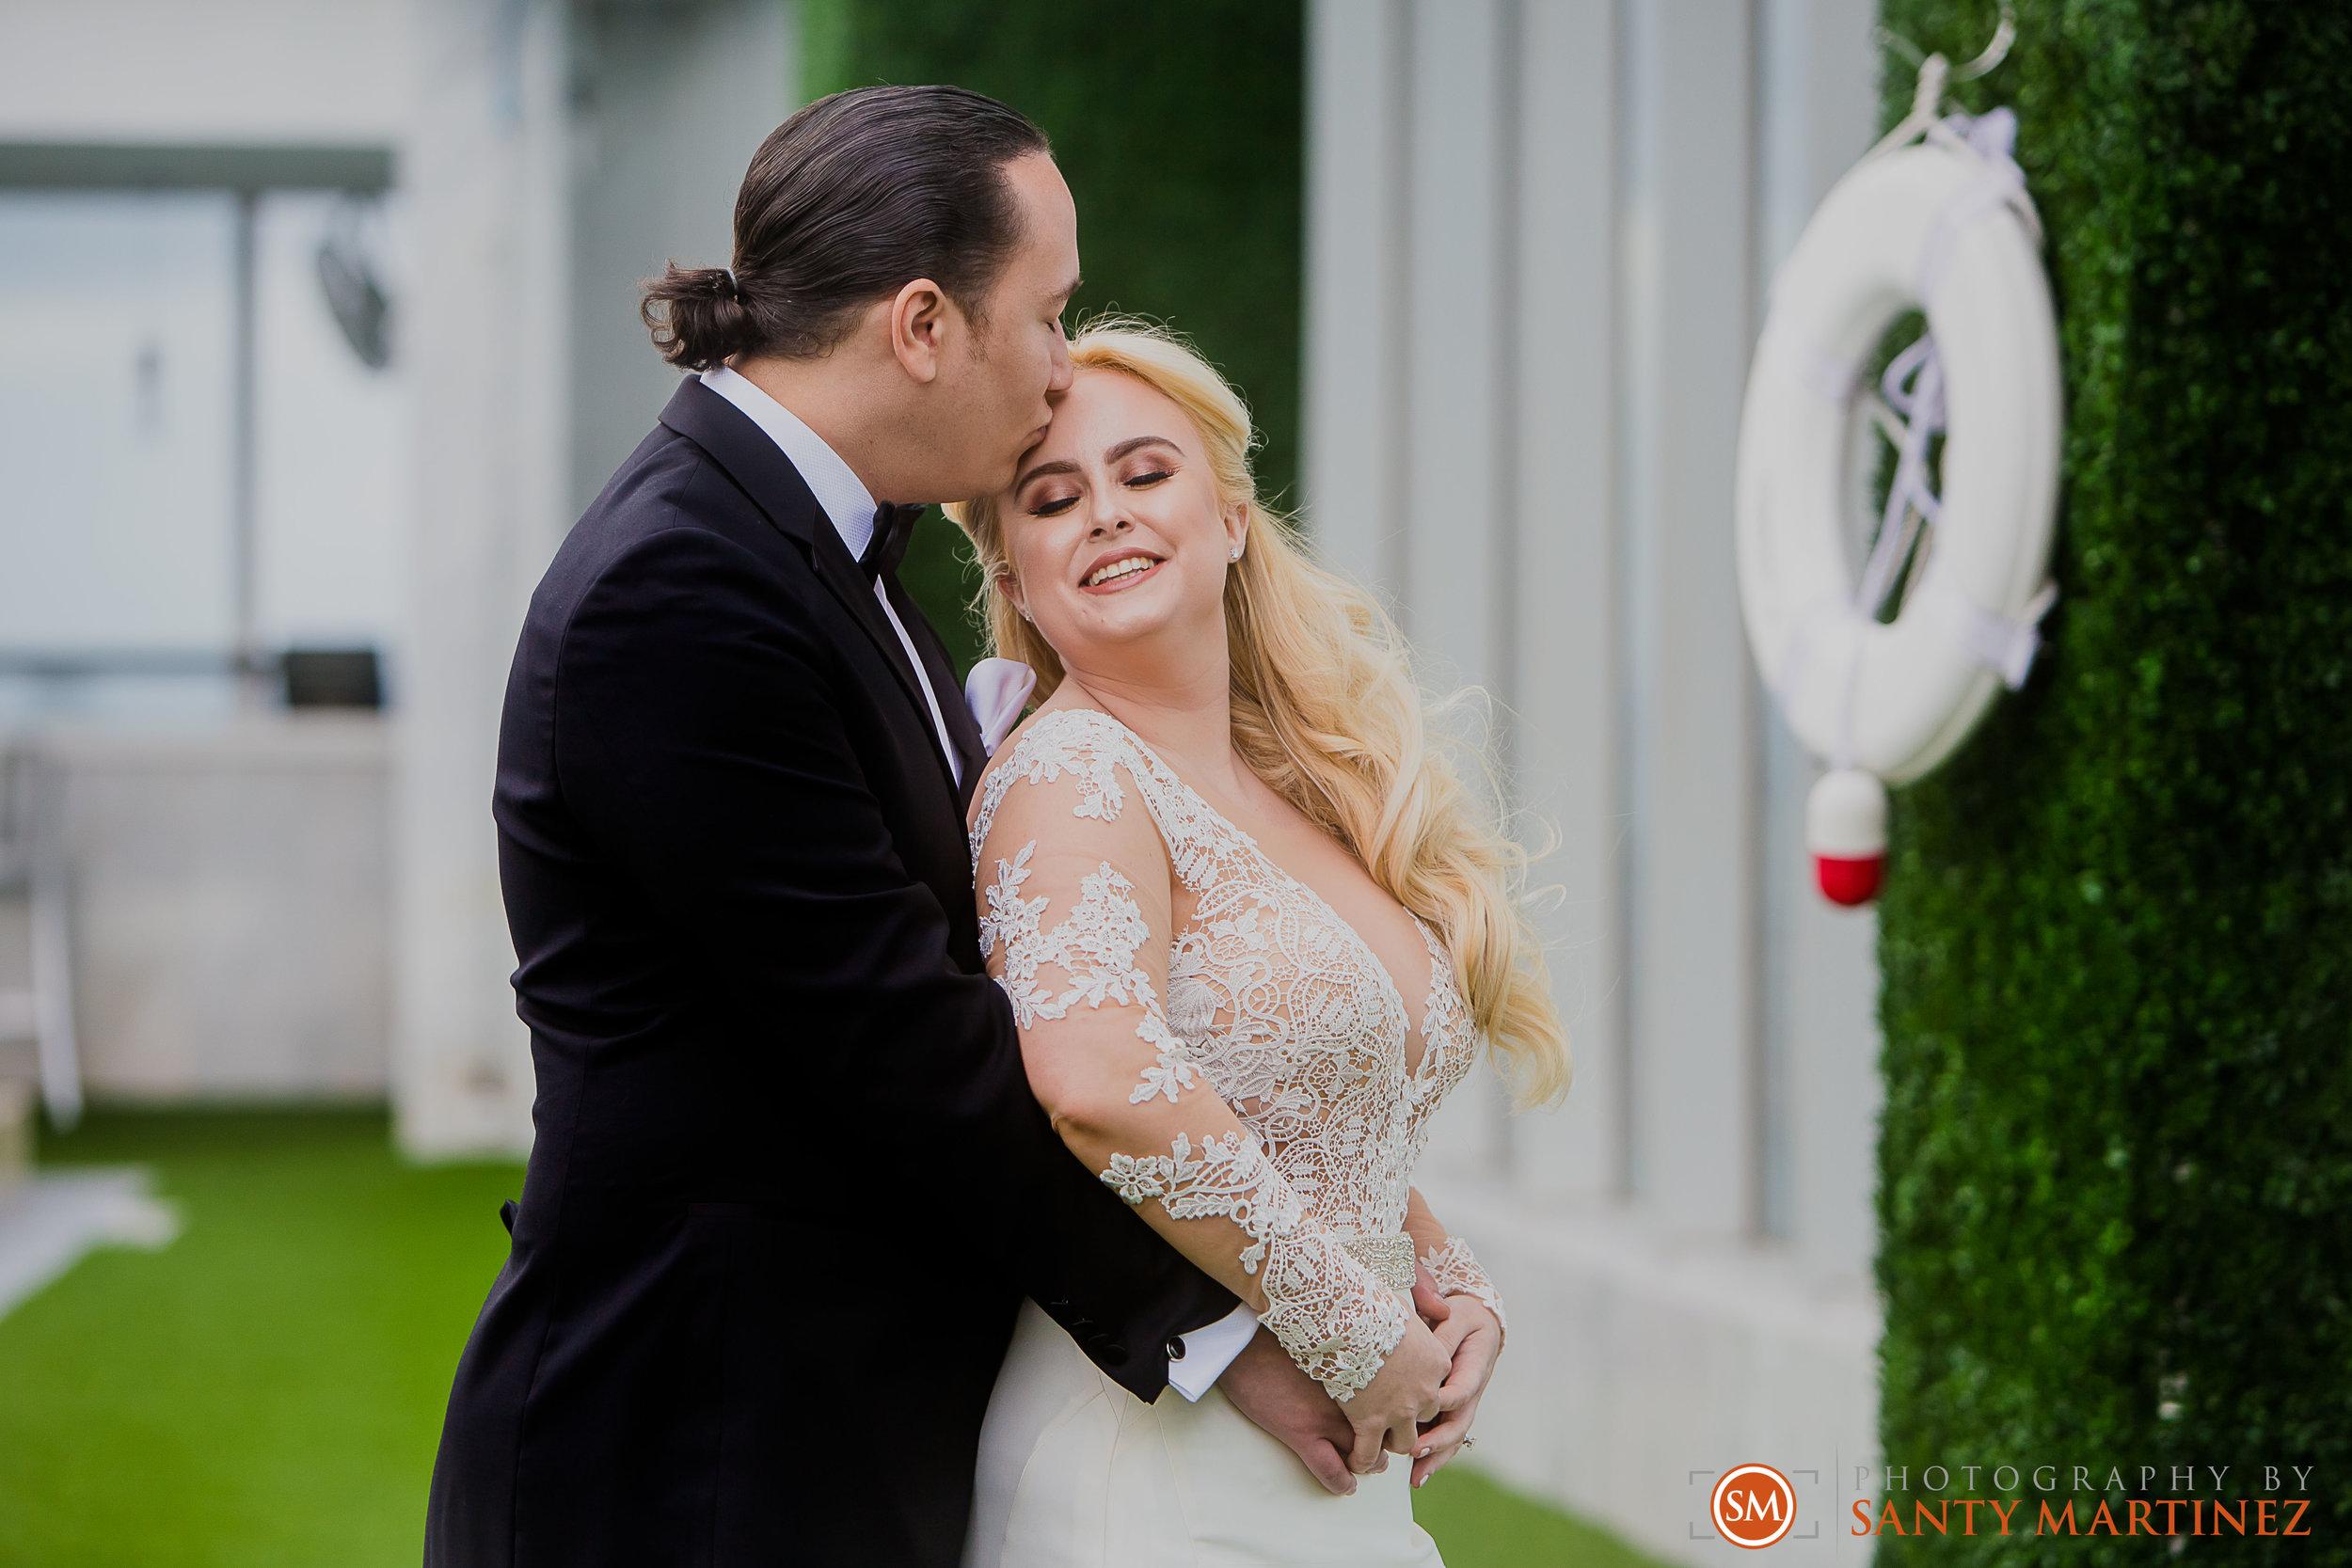 Wedding - W Hotel - St Patrick Miami Beach - Santy Martinez Photography-16.jpg